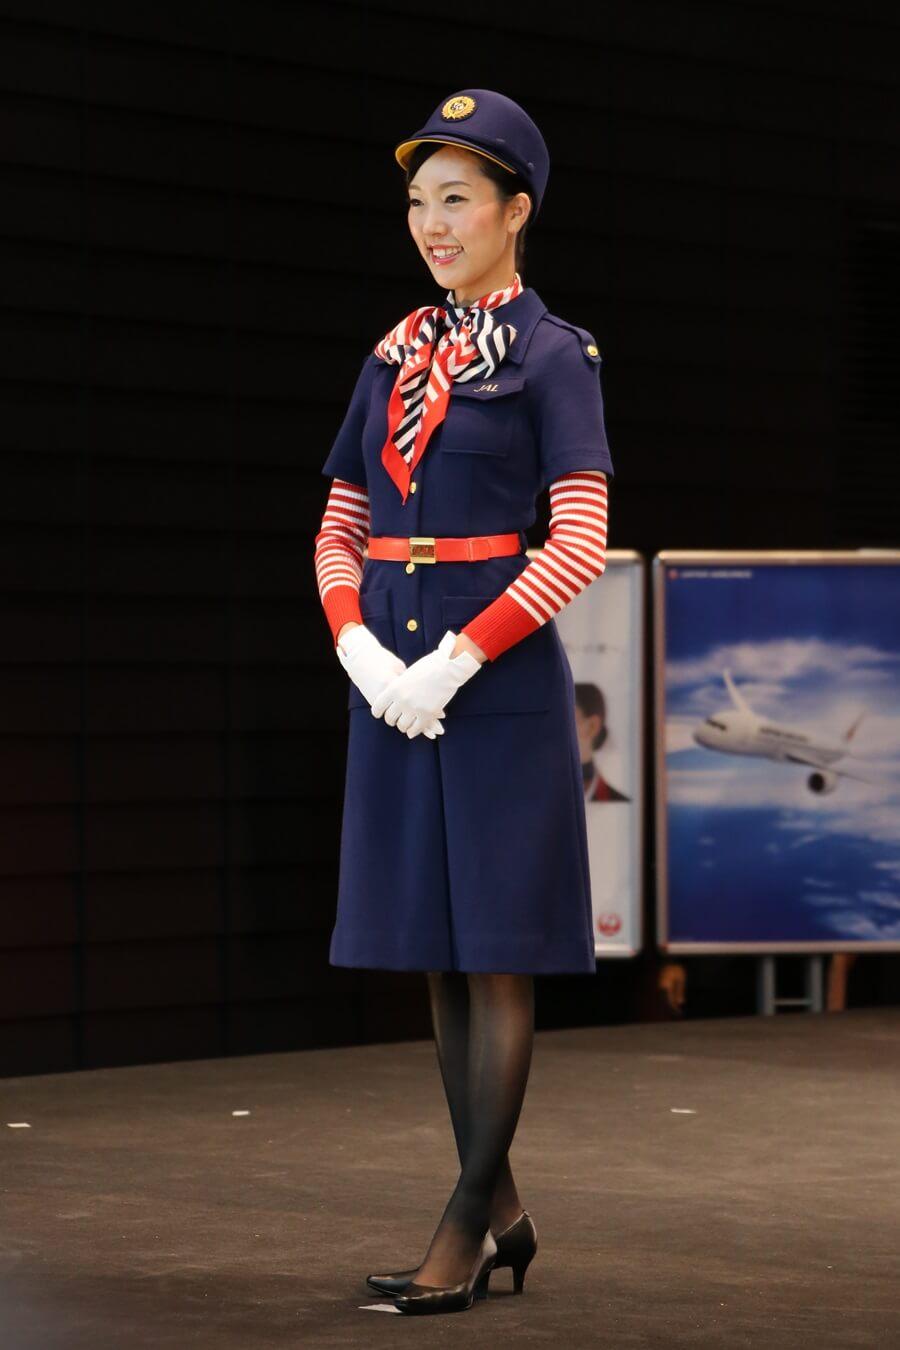 日本航空6代目制服 JALとJEX客室乗務員歴代制服ファッションショー 客室乗務員 スチワーデス 歴代ユニフォーム 制服 空の日フェスティバル JAL fashion show (18)